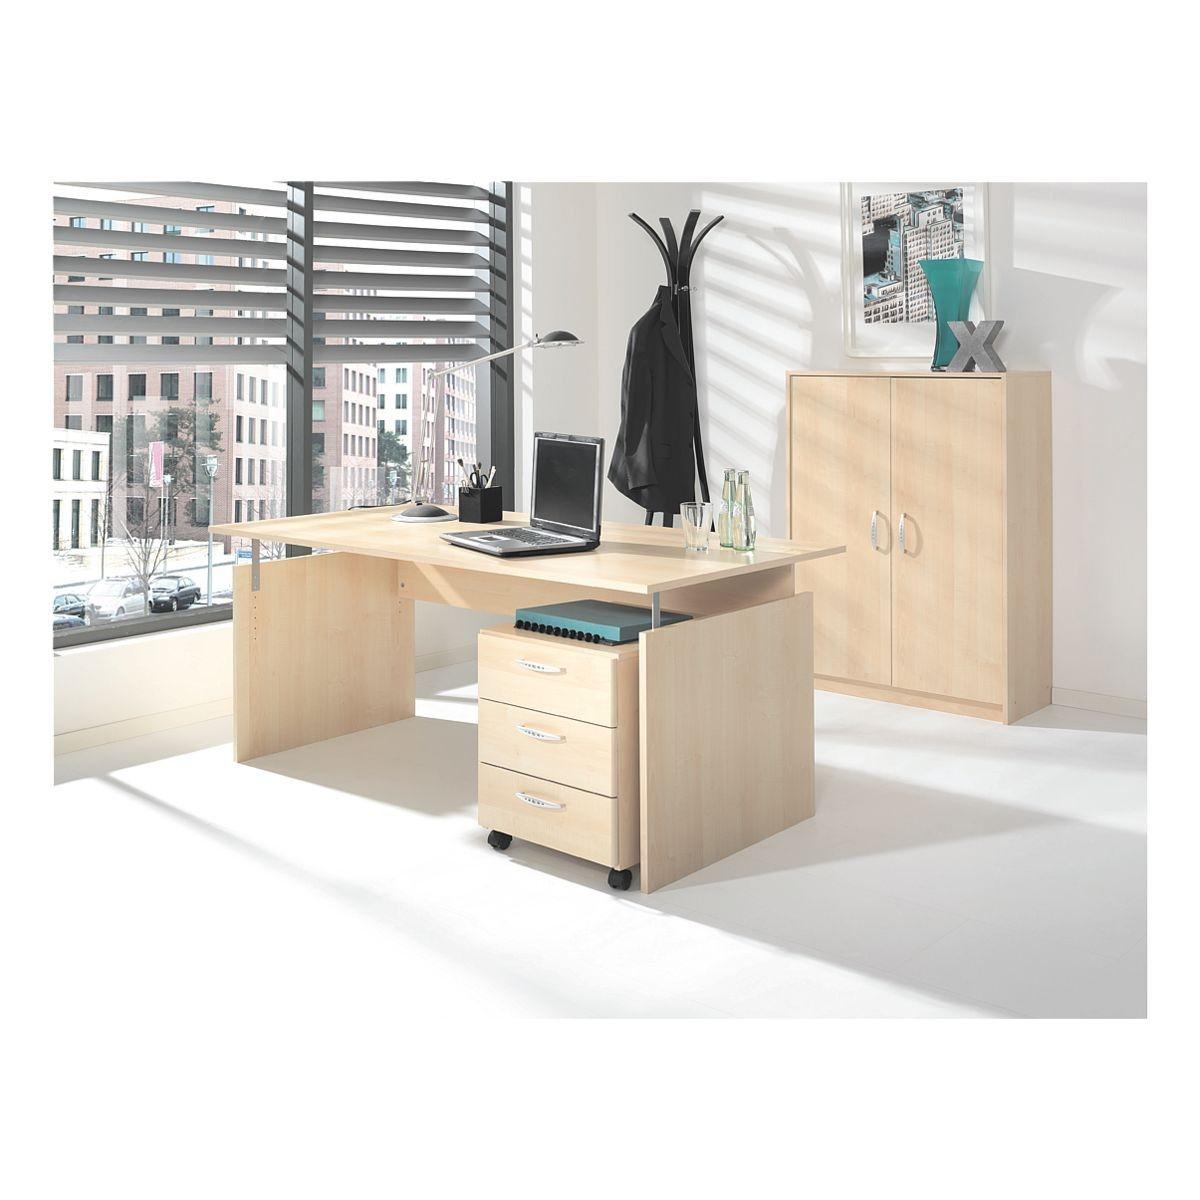 welle Schreibtische online kaufen | Möbel-Suchmaschine | ladendirekt.de